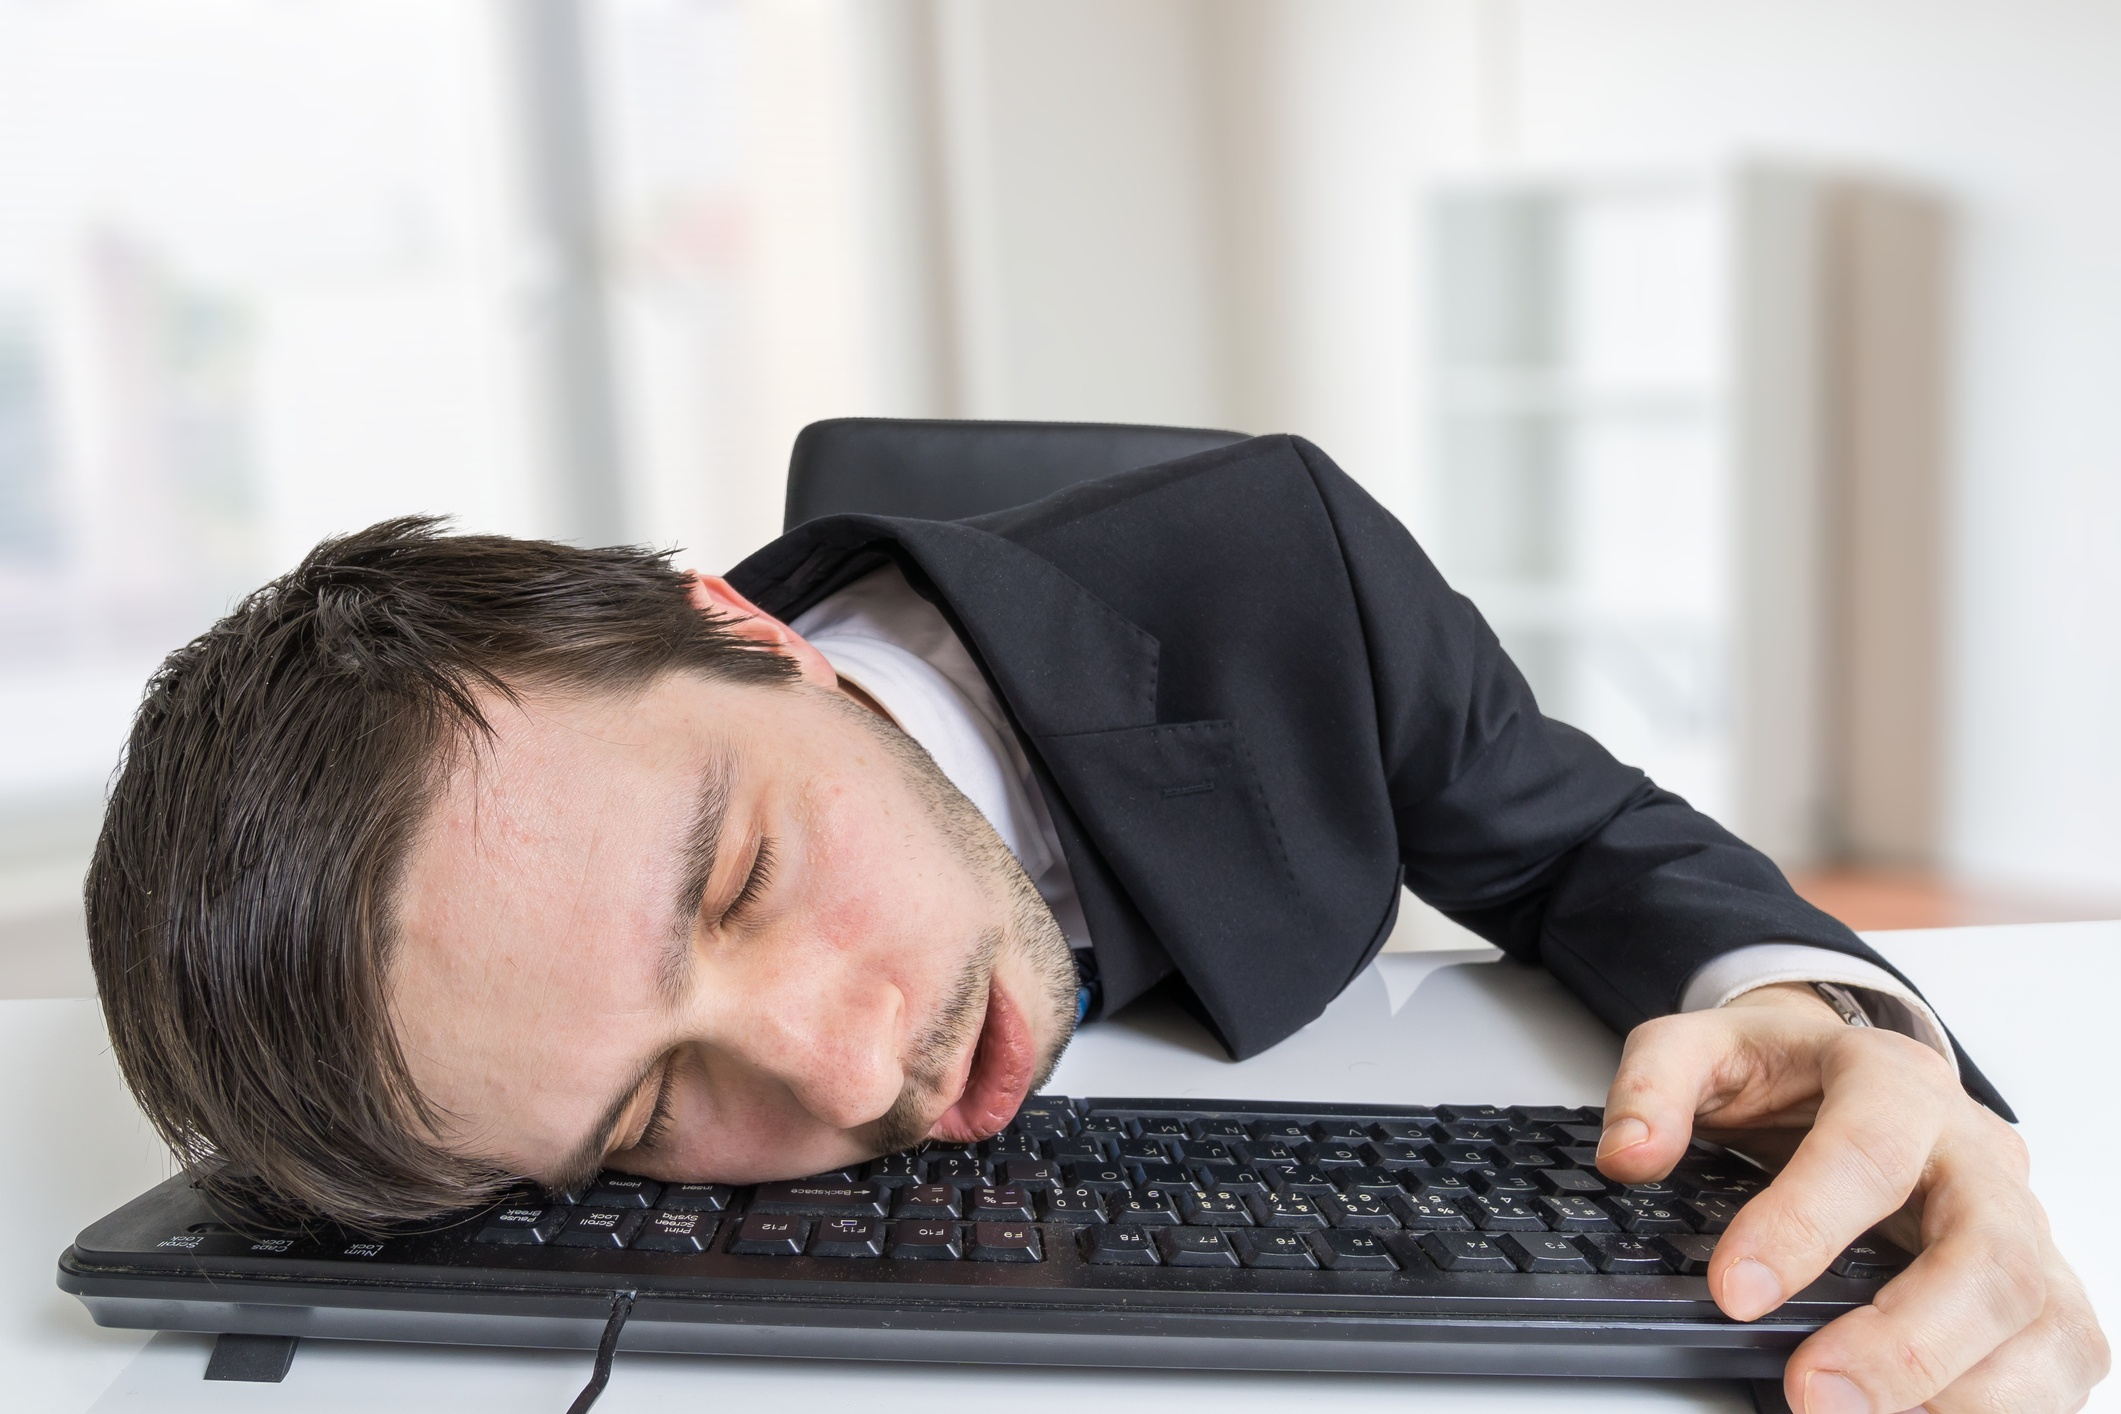 Man sleeping on keyboard